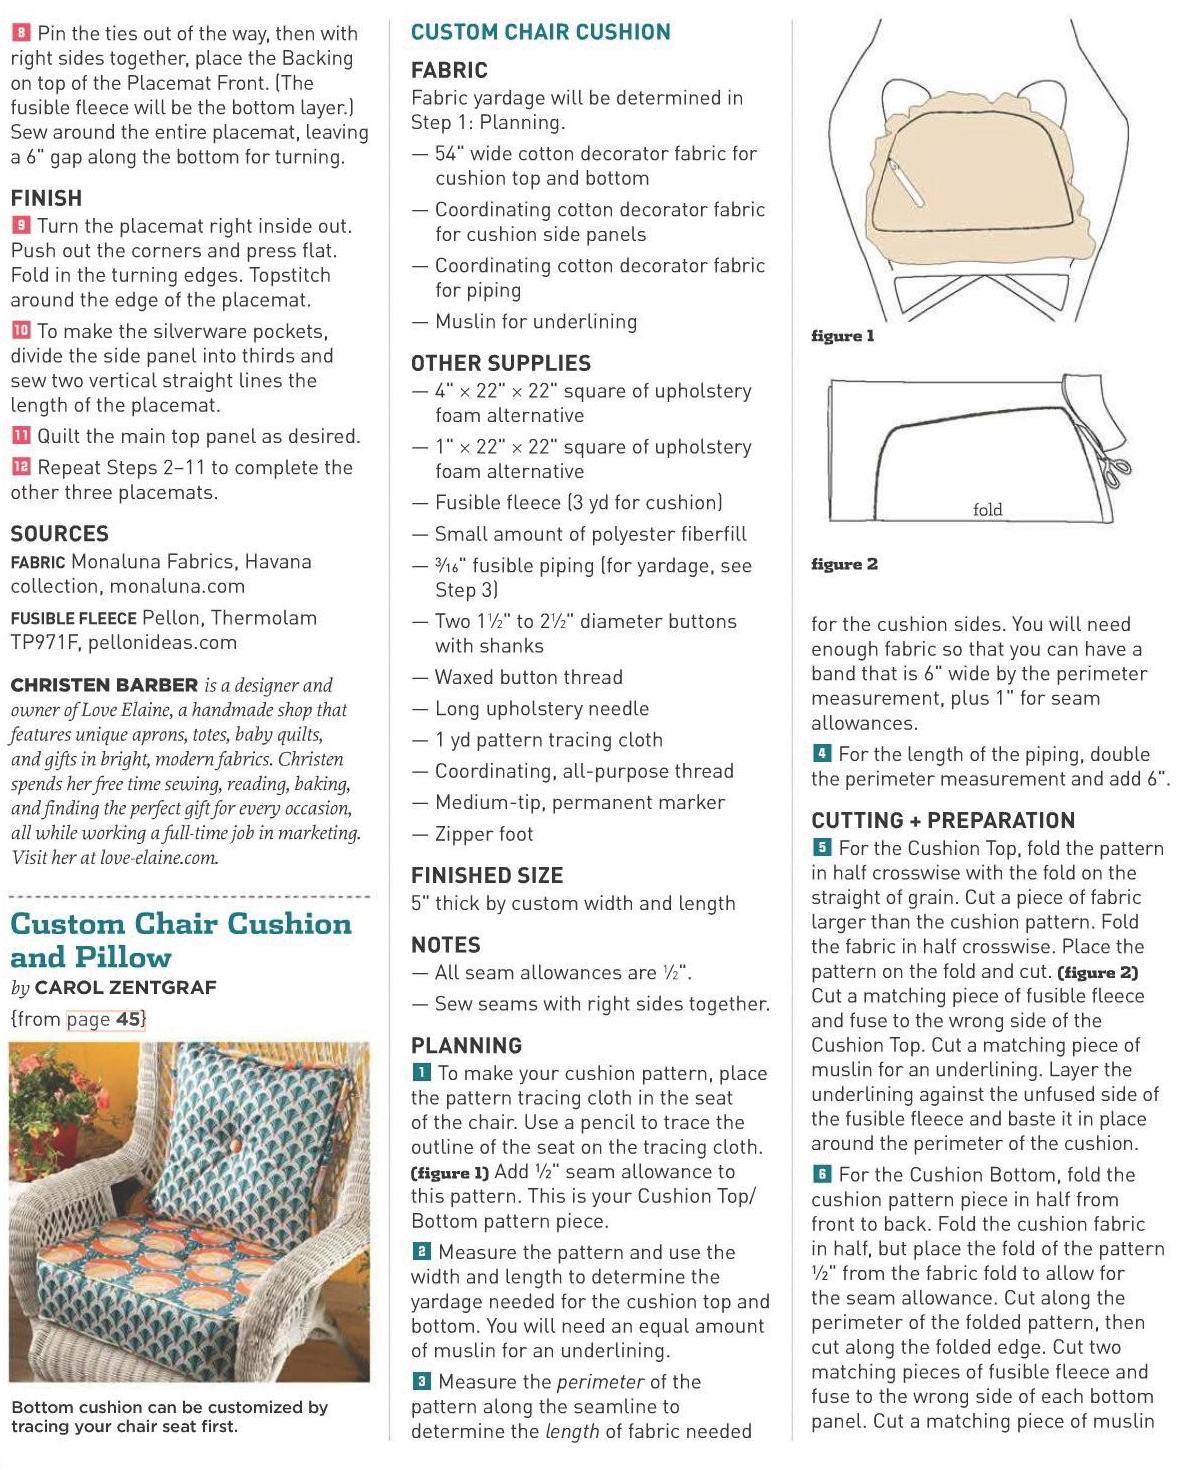 Costura Borda Decora: Como Fazer Almofadas Para Cadeiras De Vime #A36C28 1199x1470